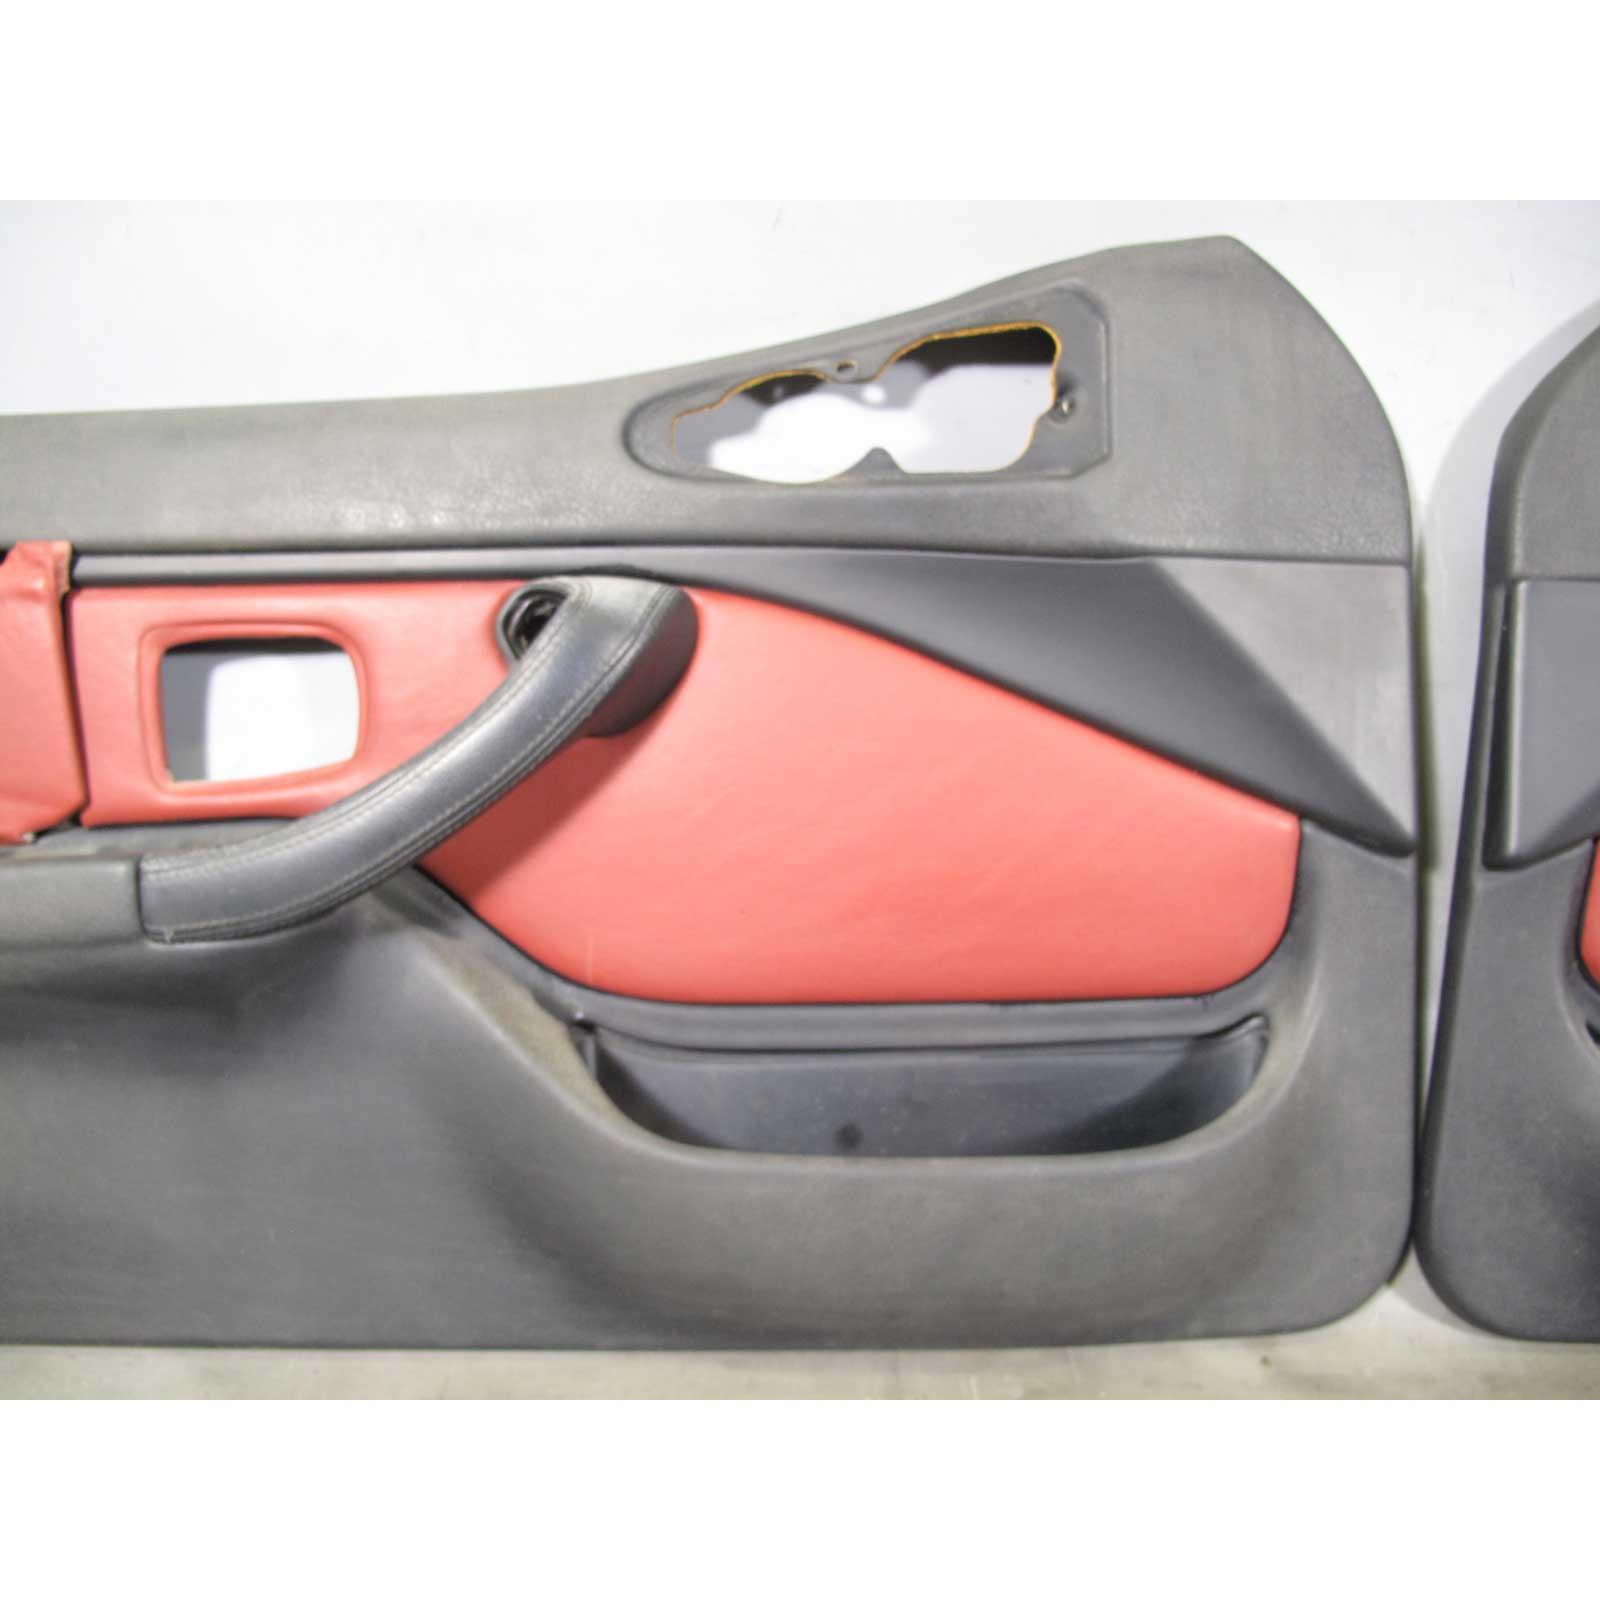 Bmw Z3 Speakers: BMW Z3 Roadster Coupe Interior Door Panel Trim Skin Pair